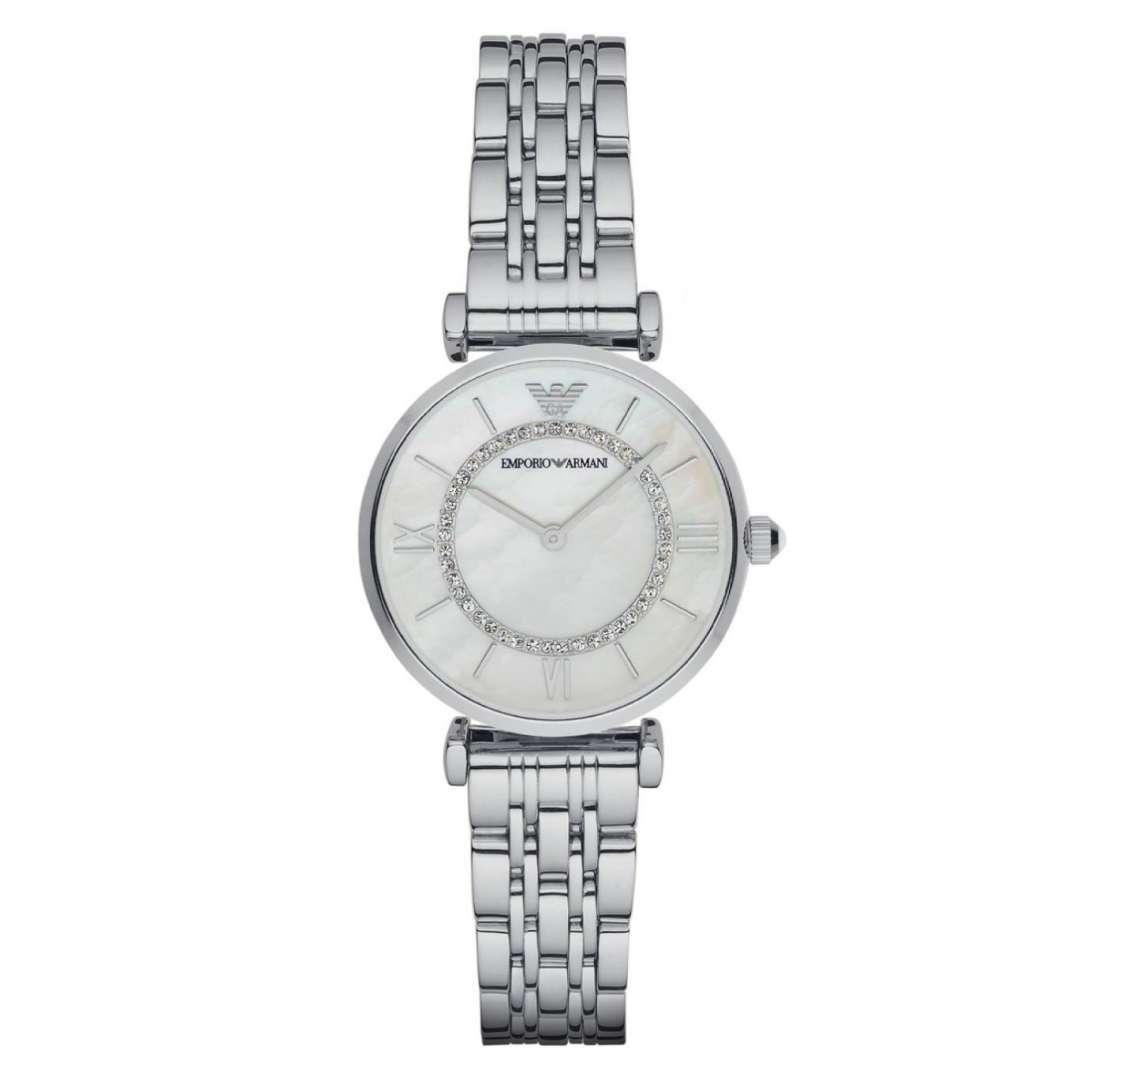 שעון יד אנלוגי לאישה emporio armani ar1908 אמפוריו ארמני